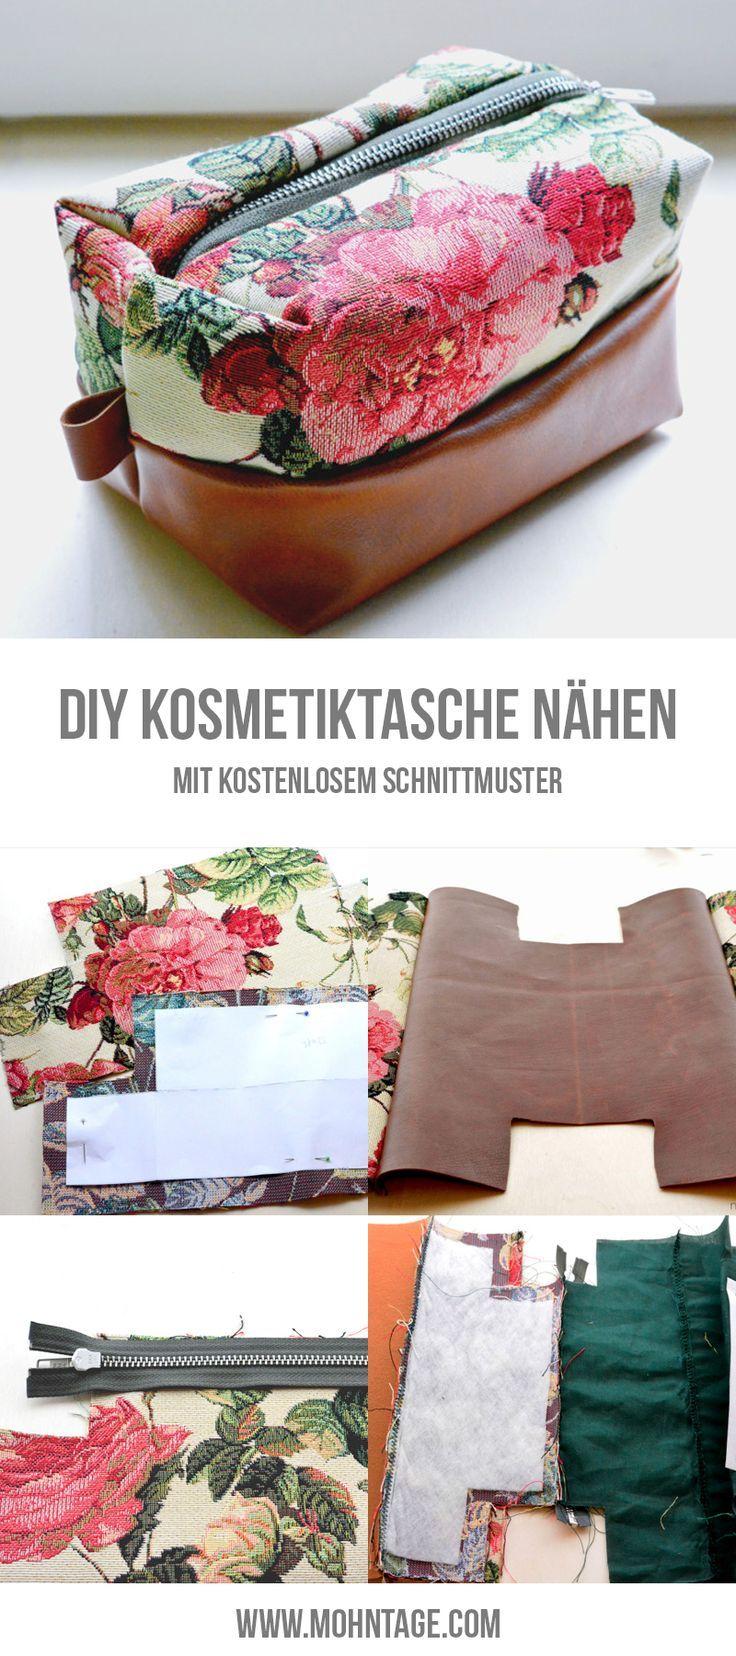 DIY Kosmetiktasche + Schnittmuster und Weekender nähen ...